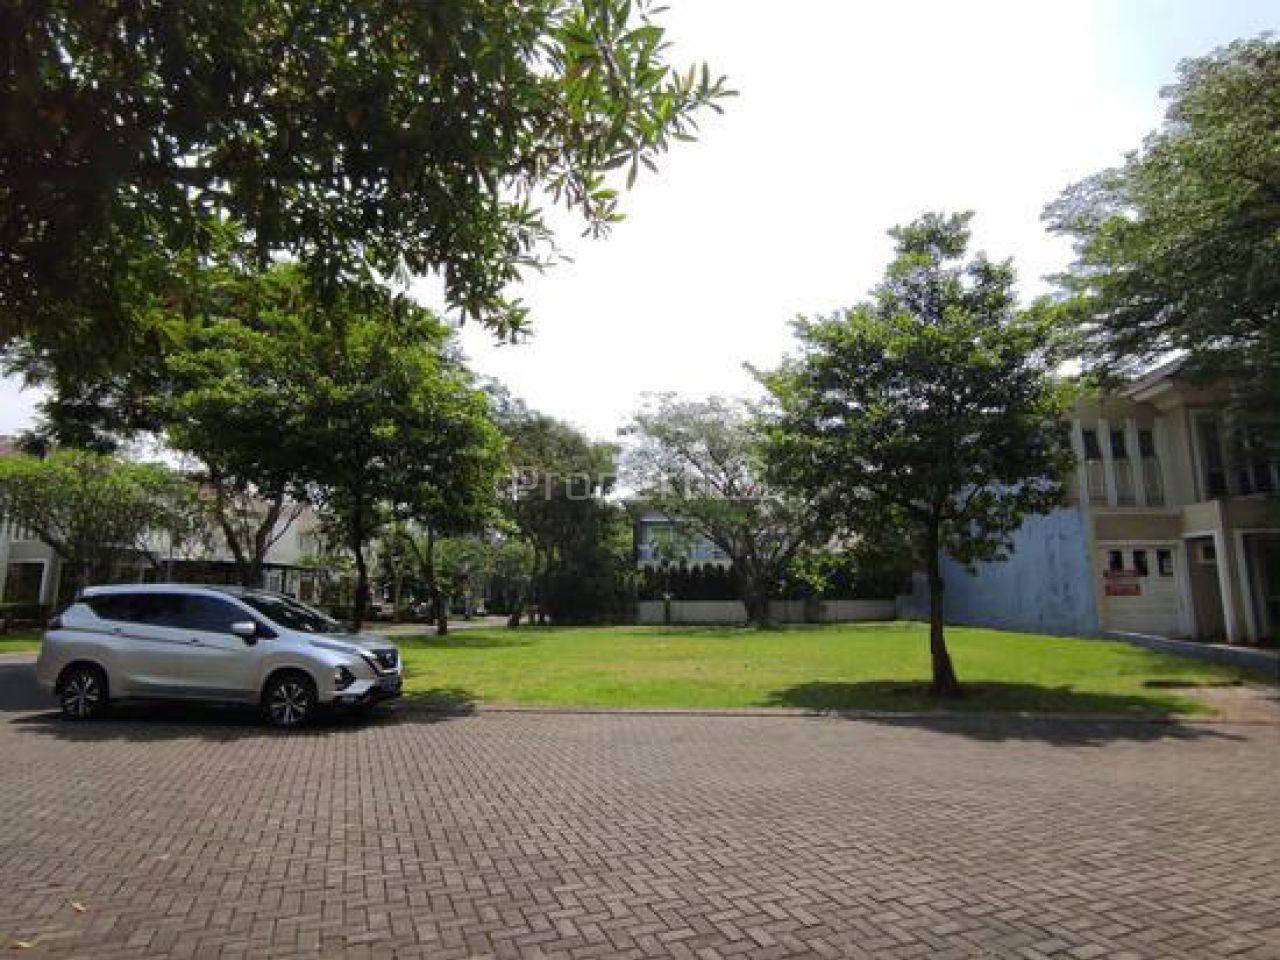 Plot Land at deFrangipani, dePark, BSD City, Kab. Tangerang